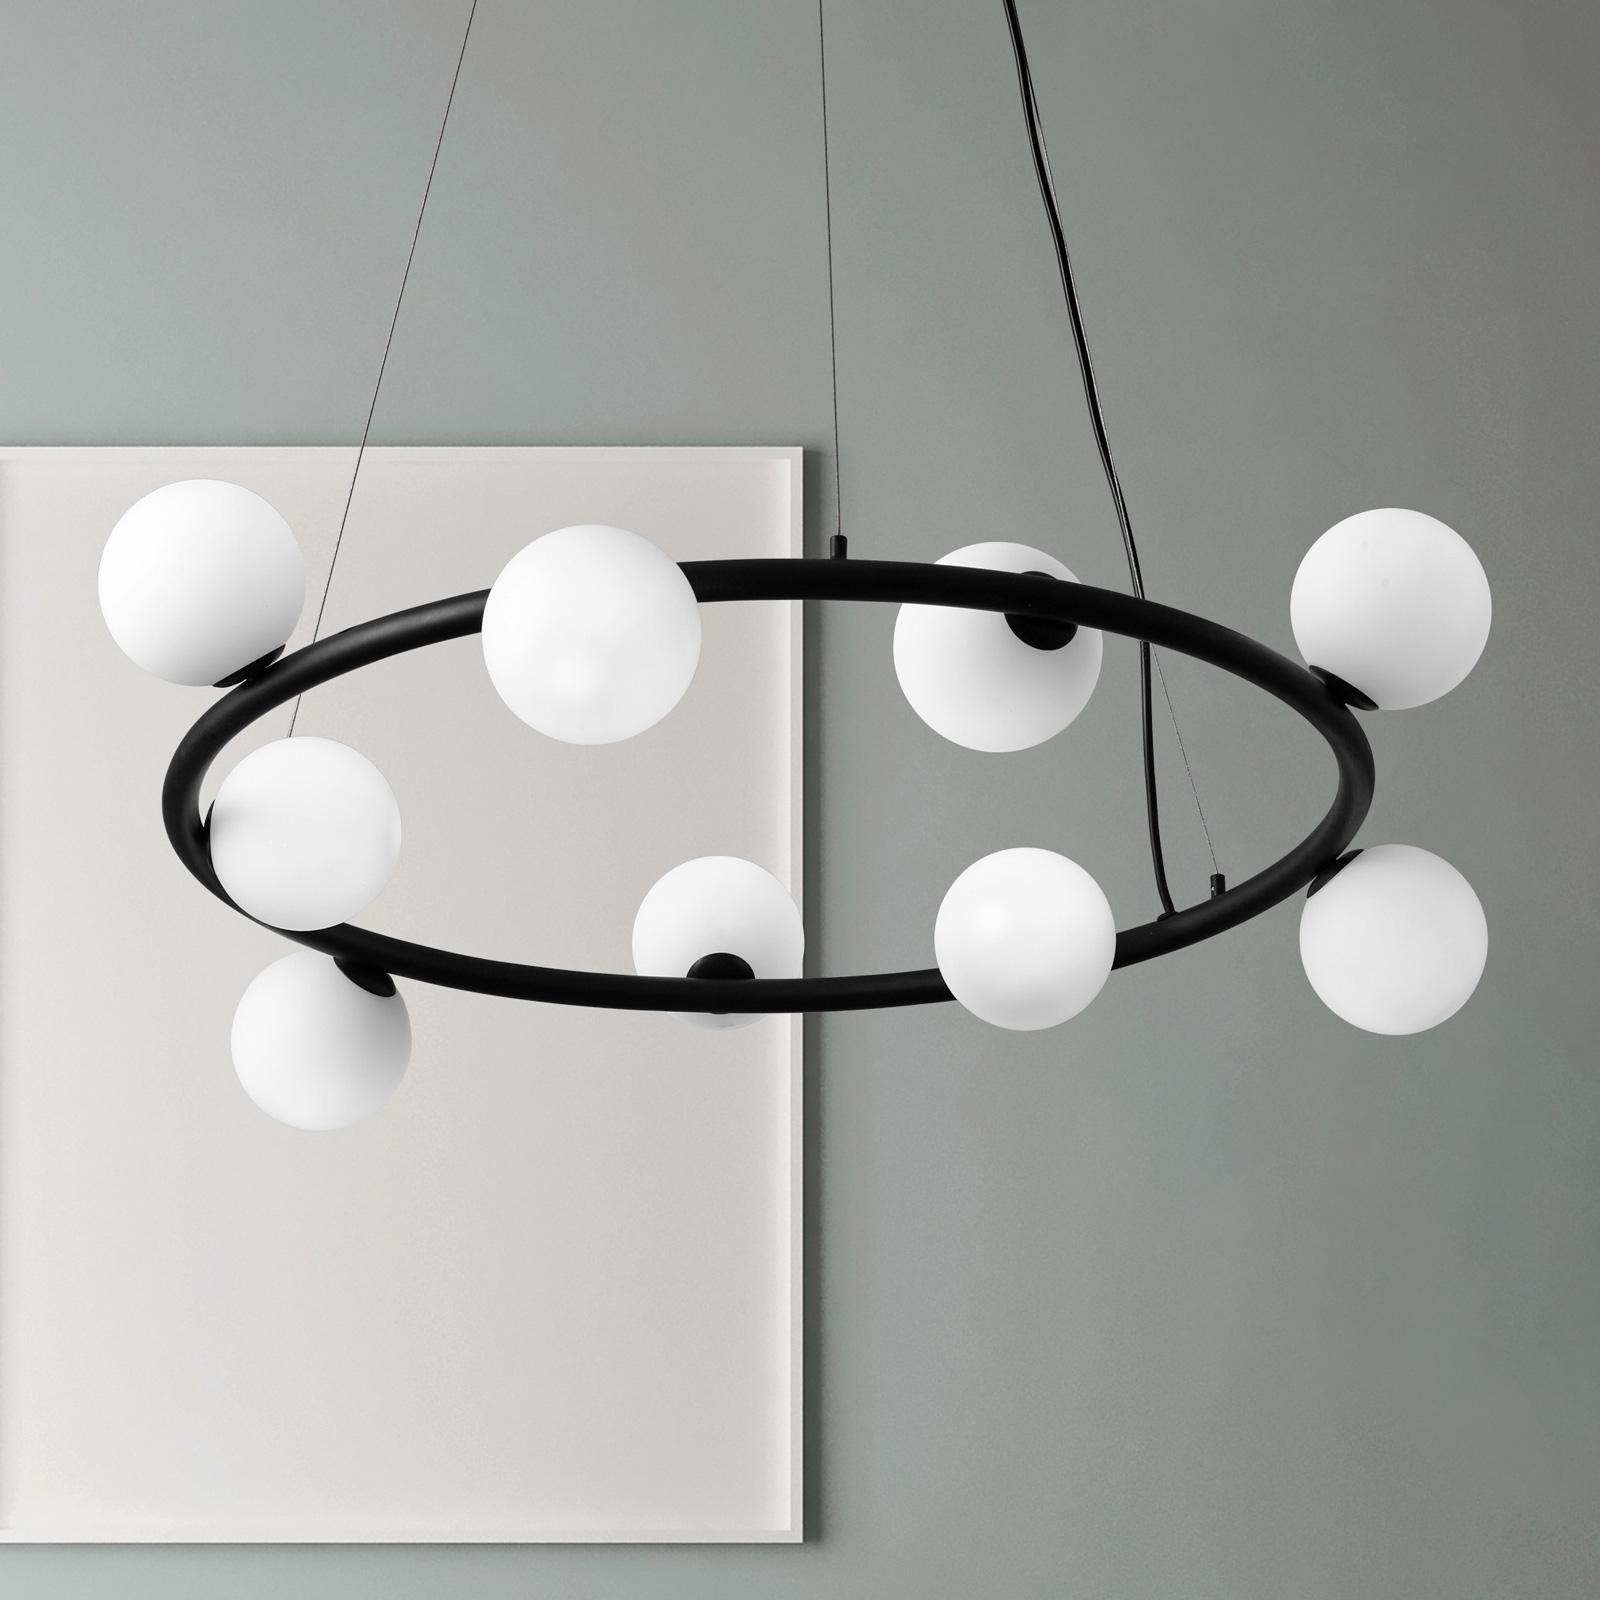 Riippuvalaisin Pomì 9-lamppuinen, jossa lasipallot